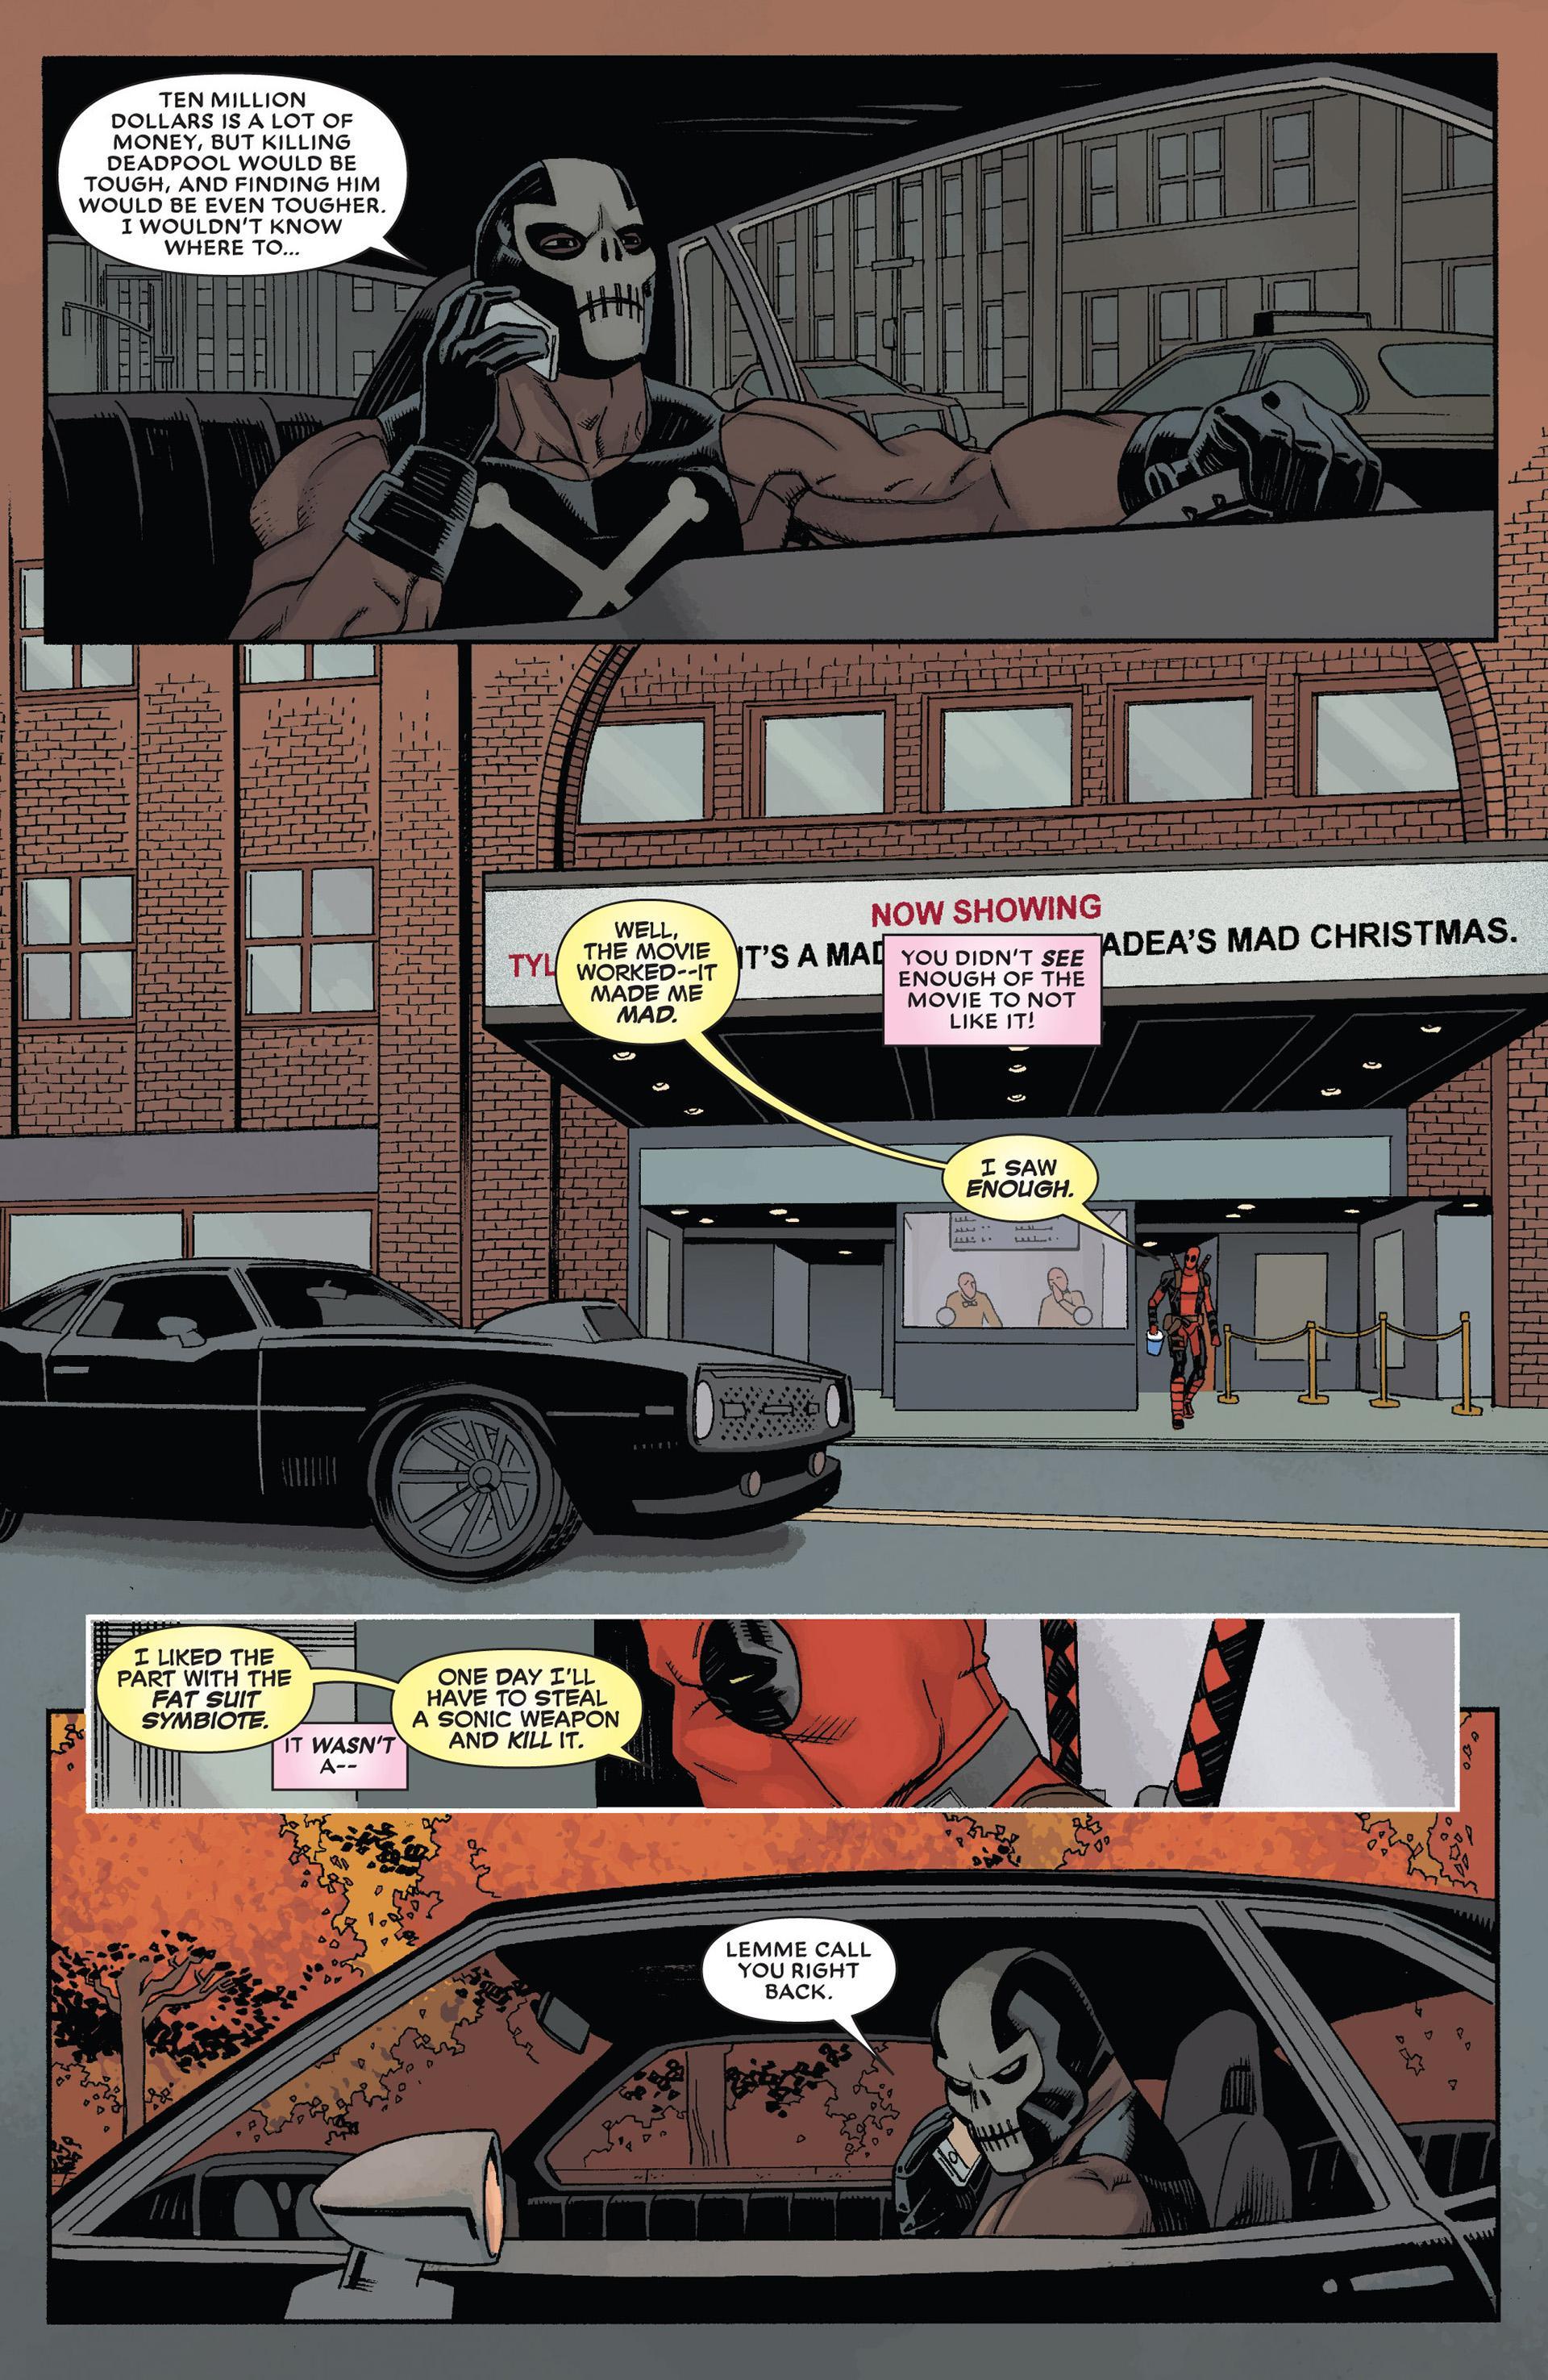 Deadpool vs S.H.I.E.L.D. review